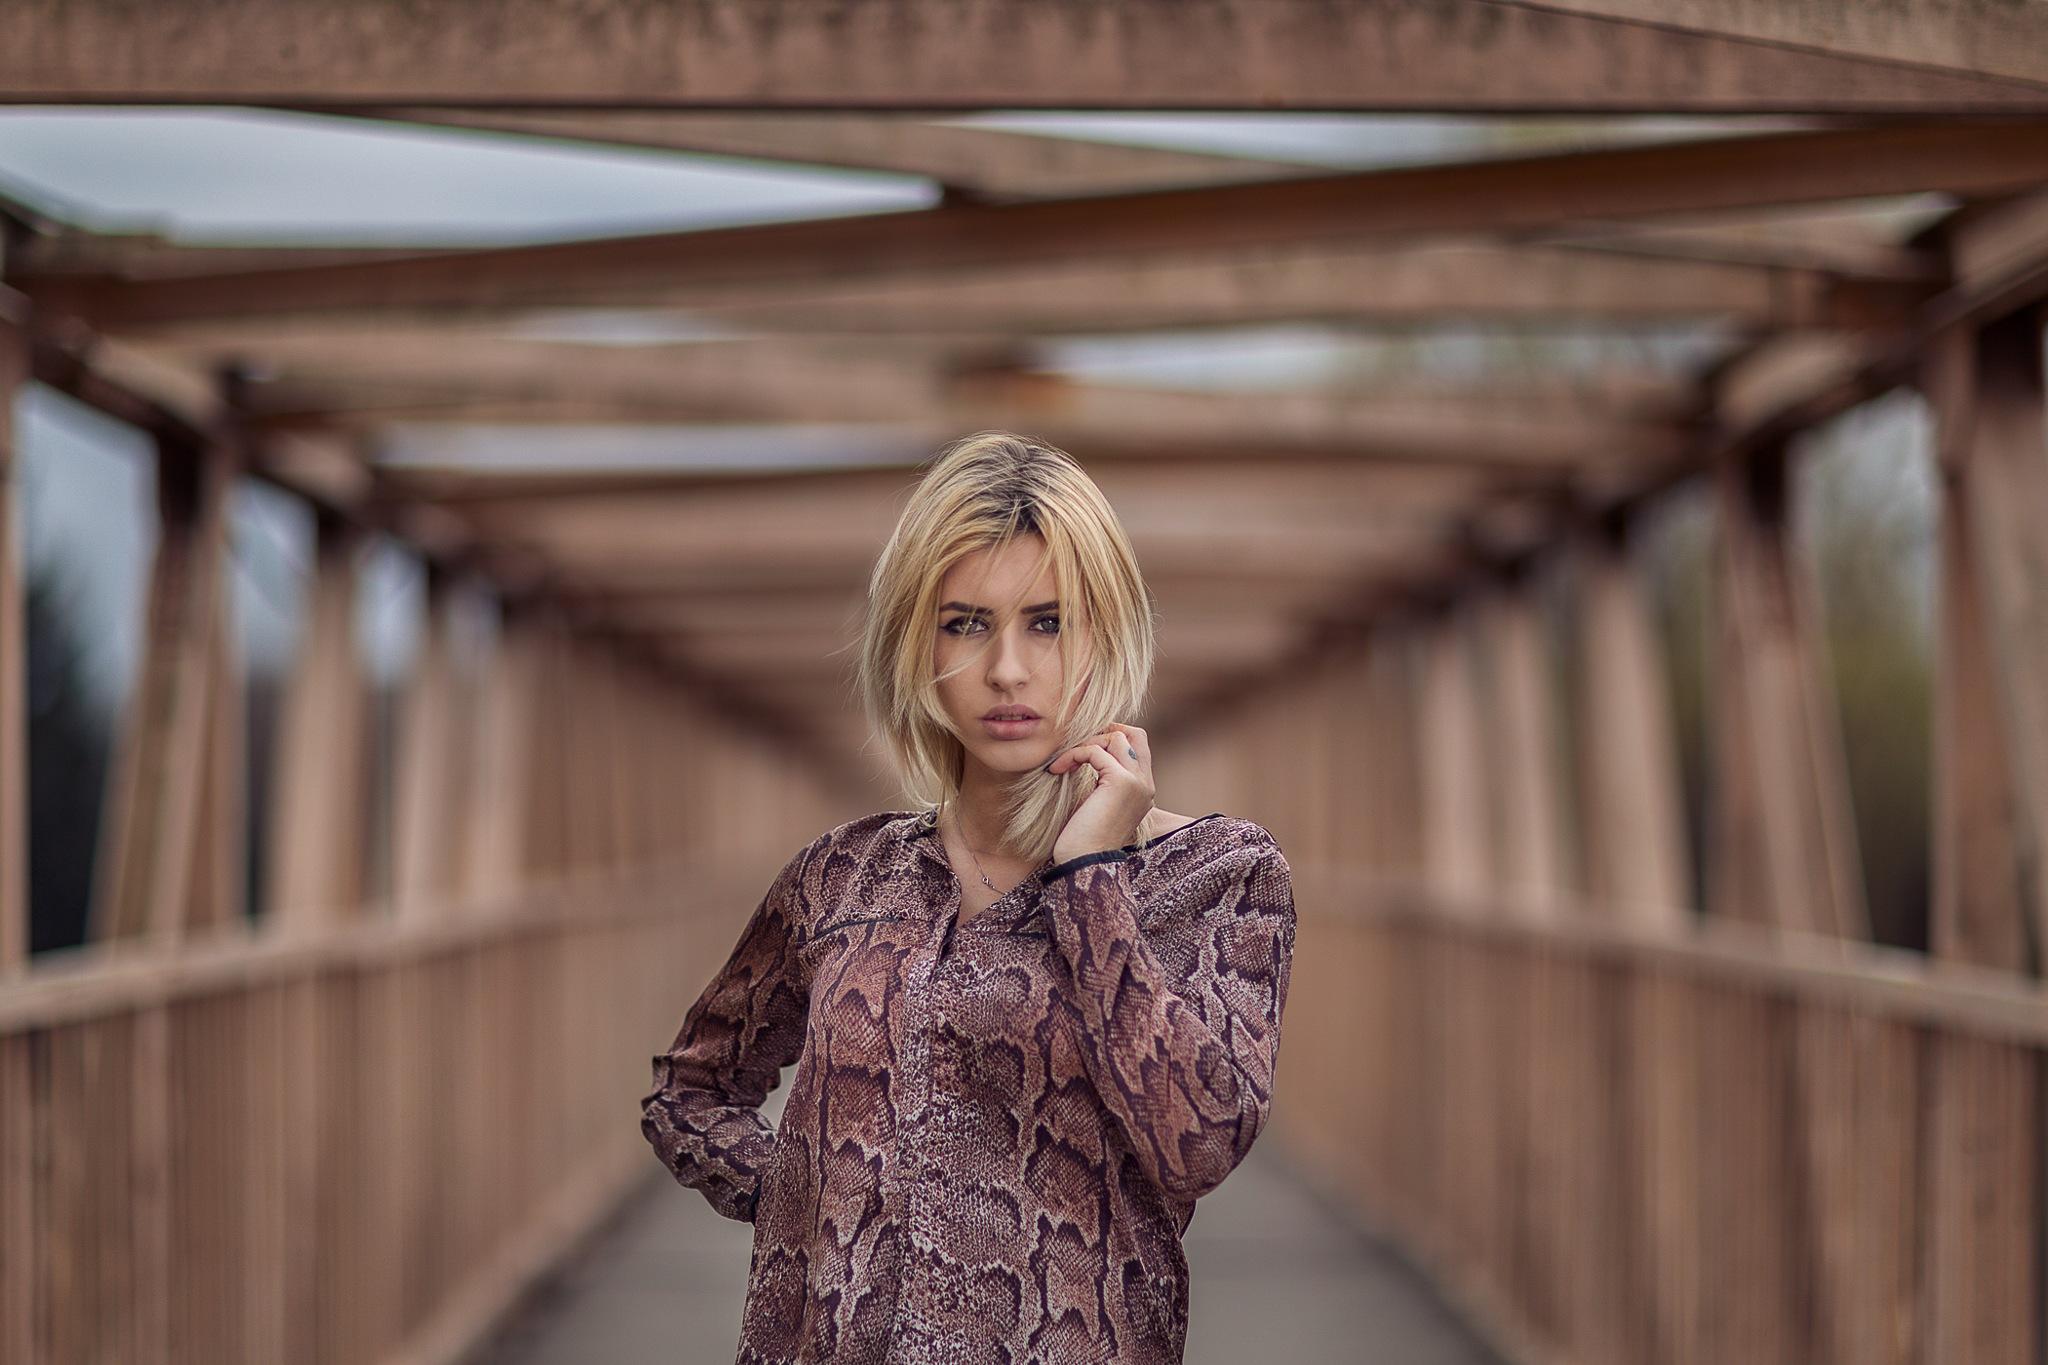 Alessandra by Andrea Carretta